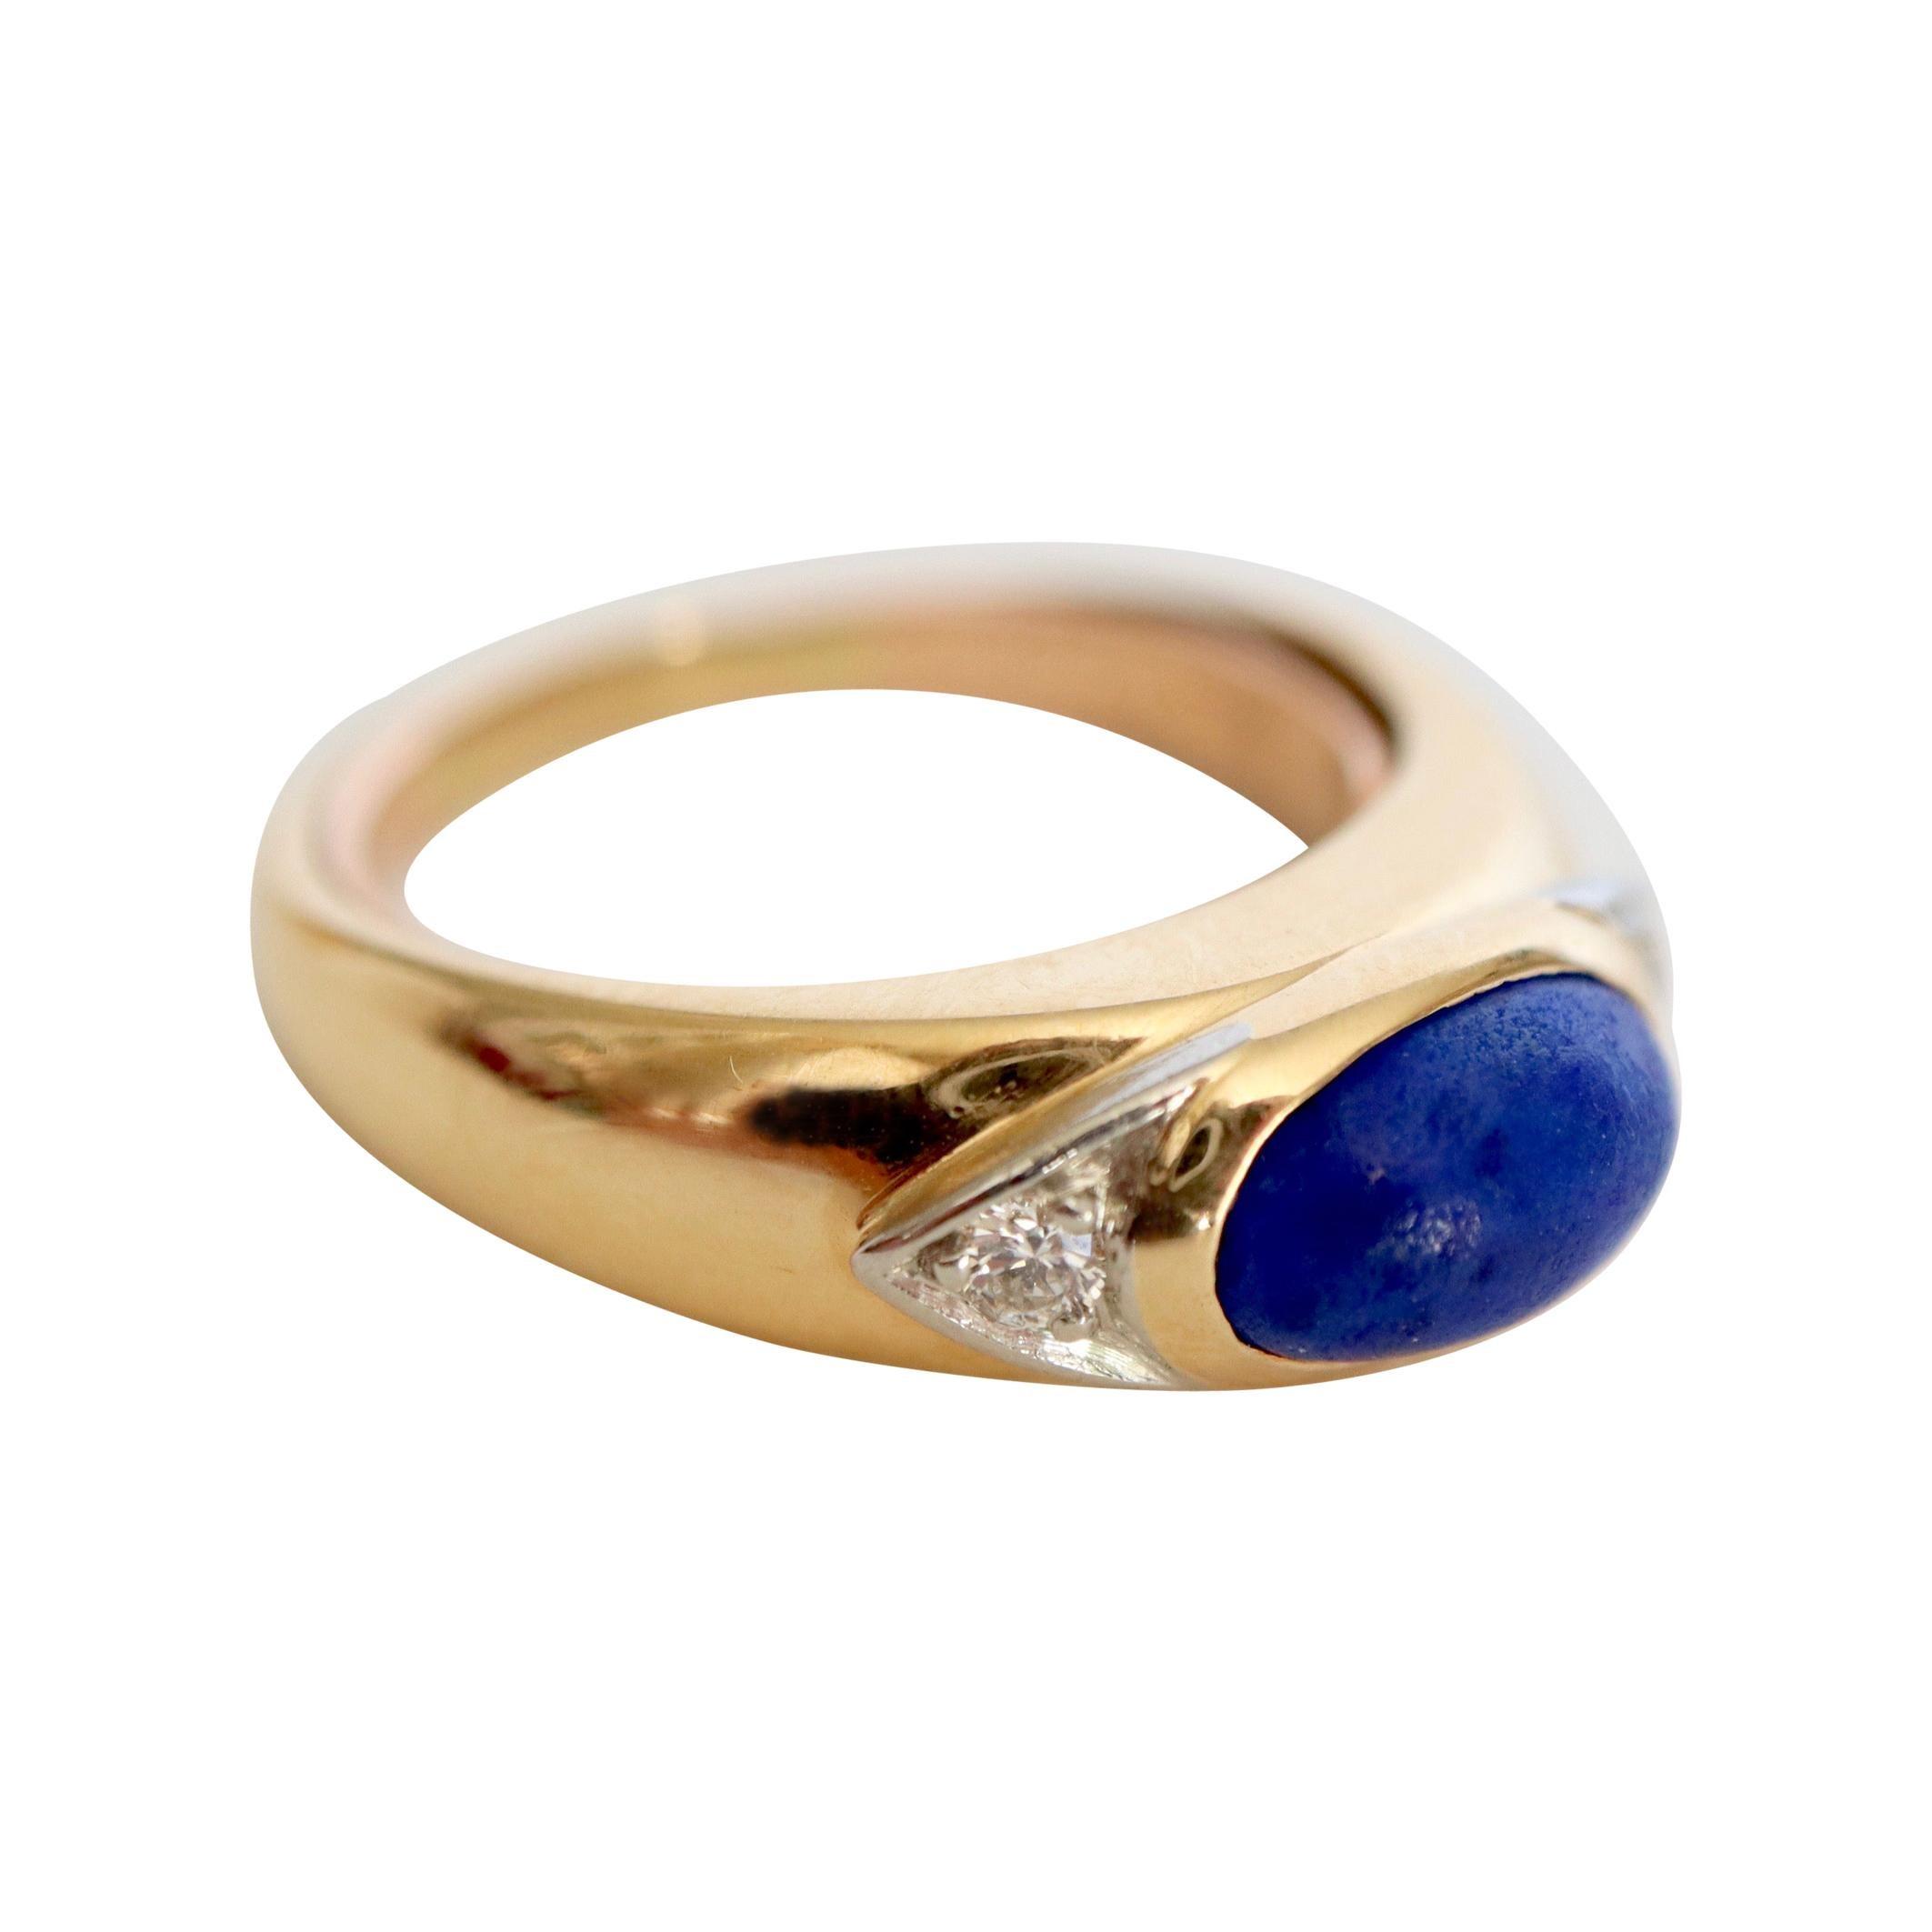 Van Cleef & Arpels Ring Yellow Gold and White Gold 18 Karat Lapis Lazuli